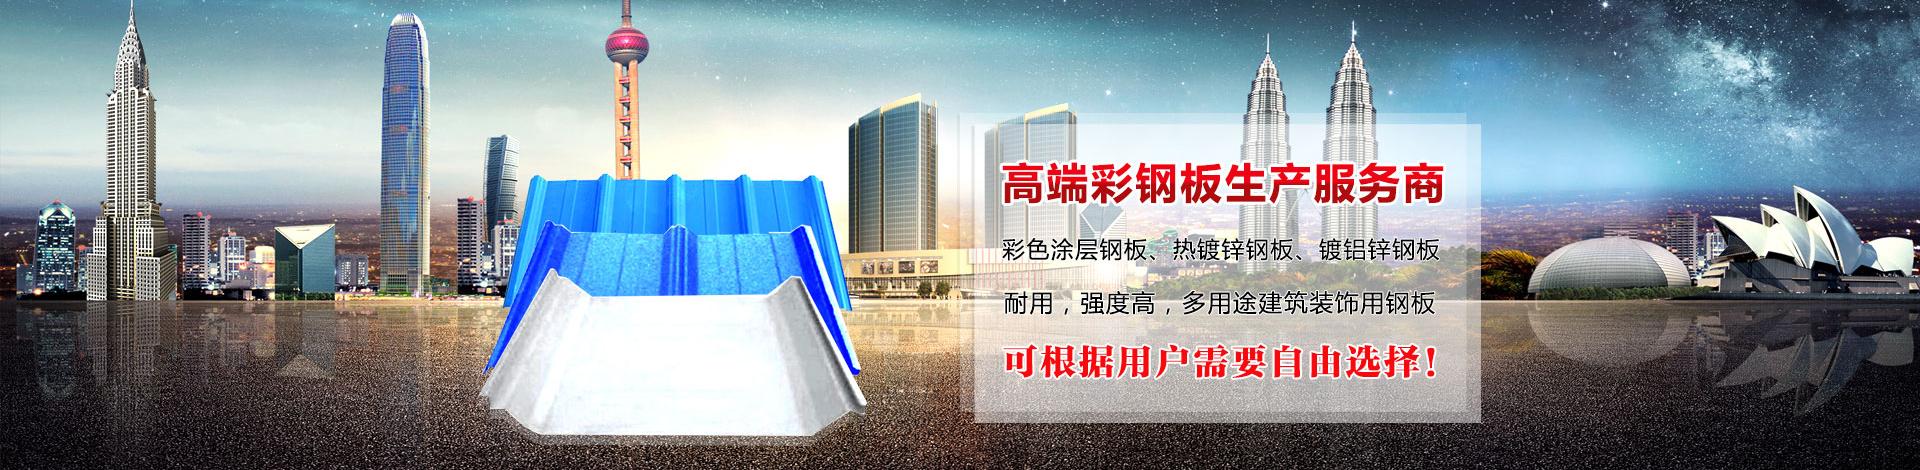 山东昌俪皓新材料科技有限公司